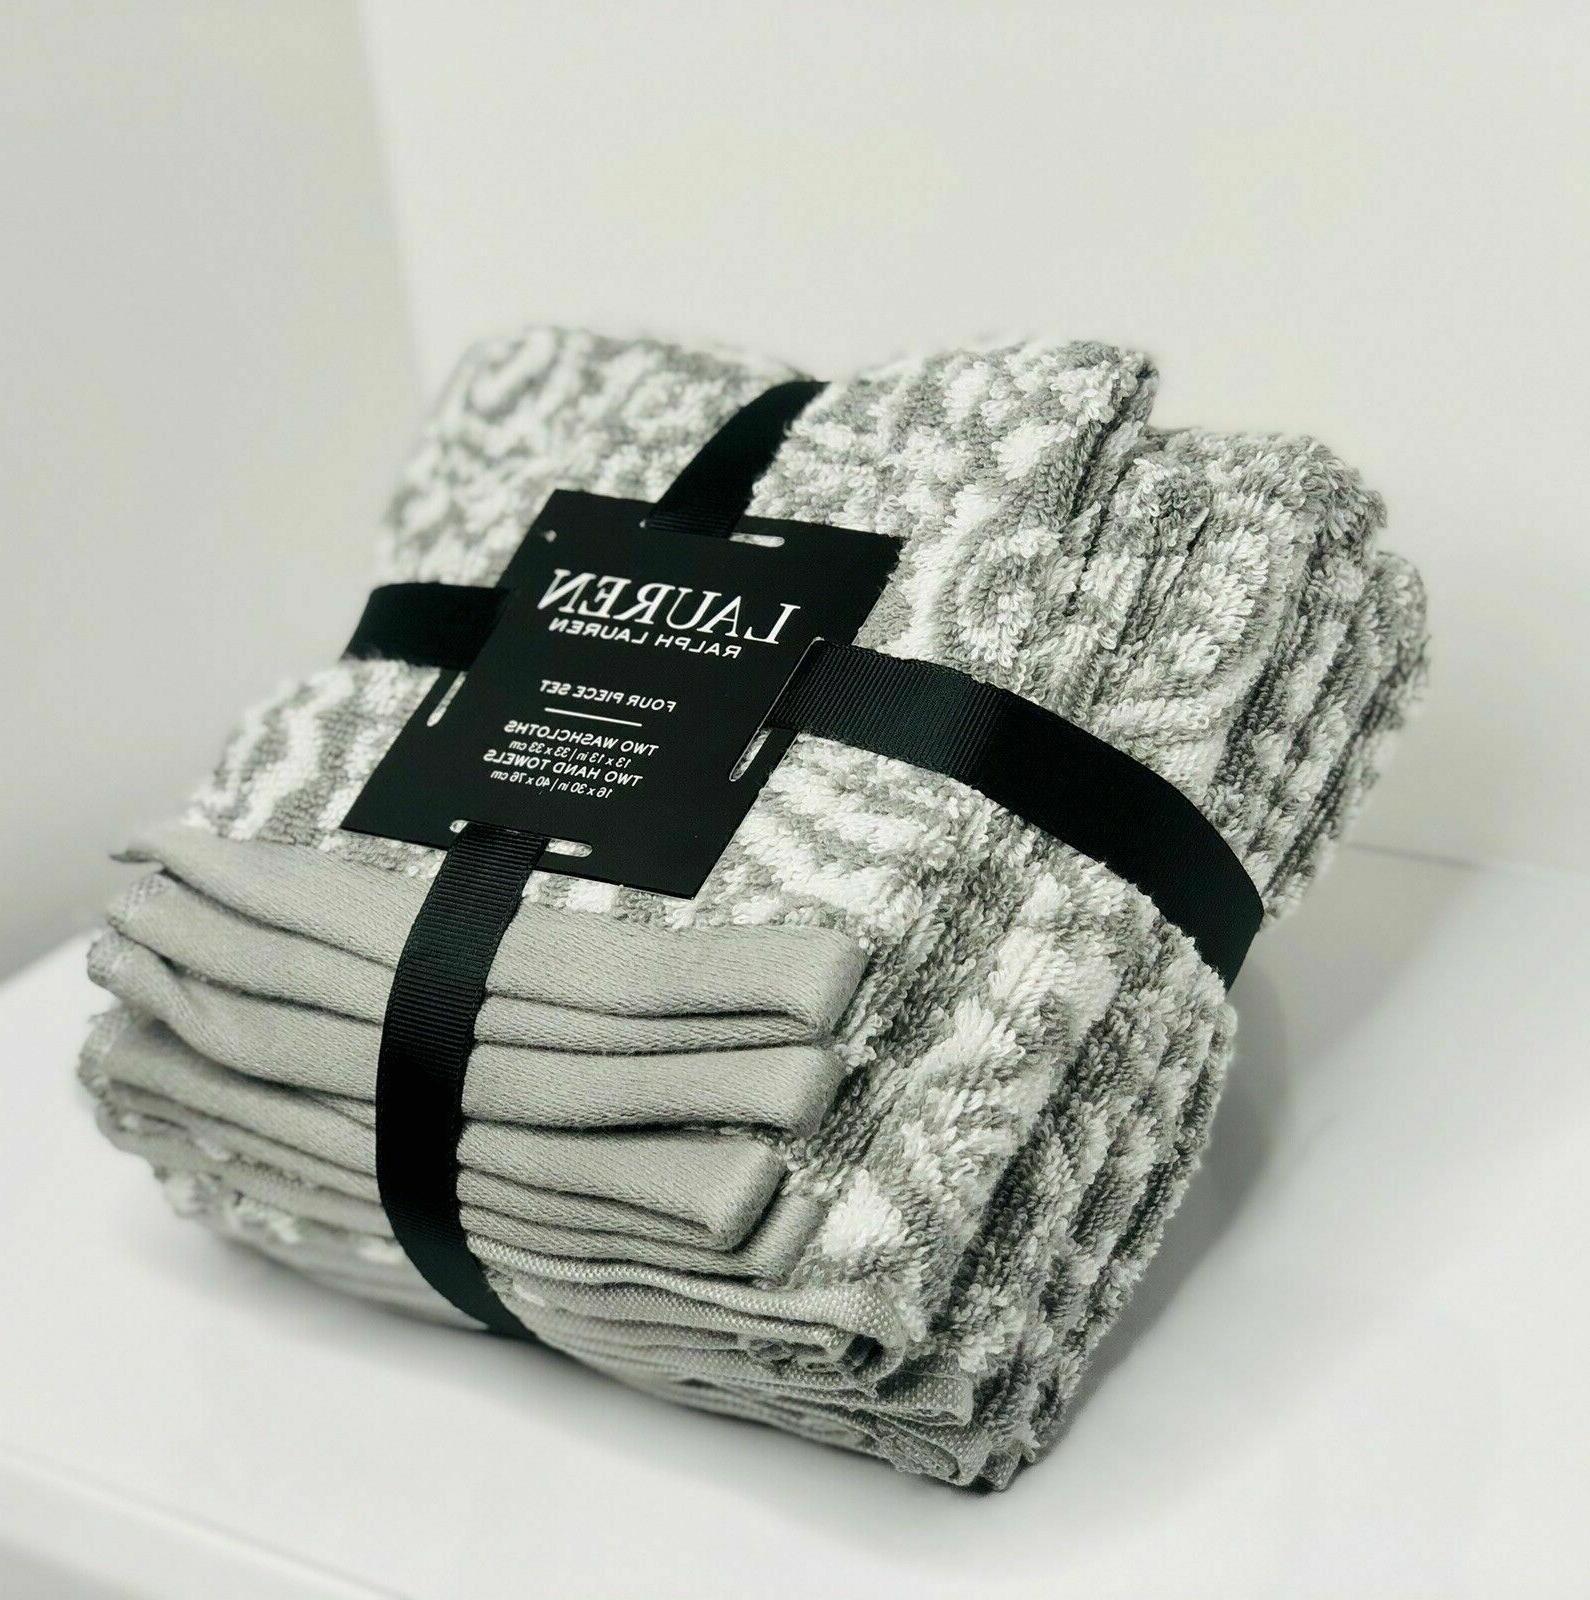 ralph lauren 4 piece towel set 2